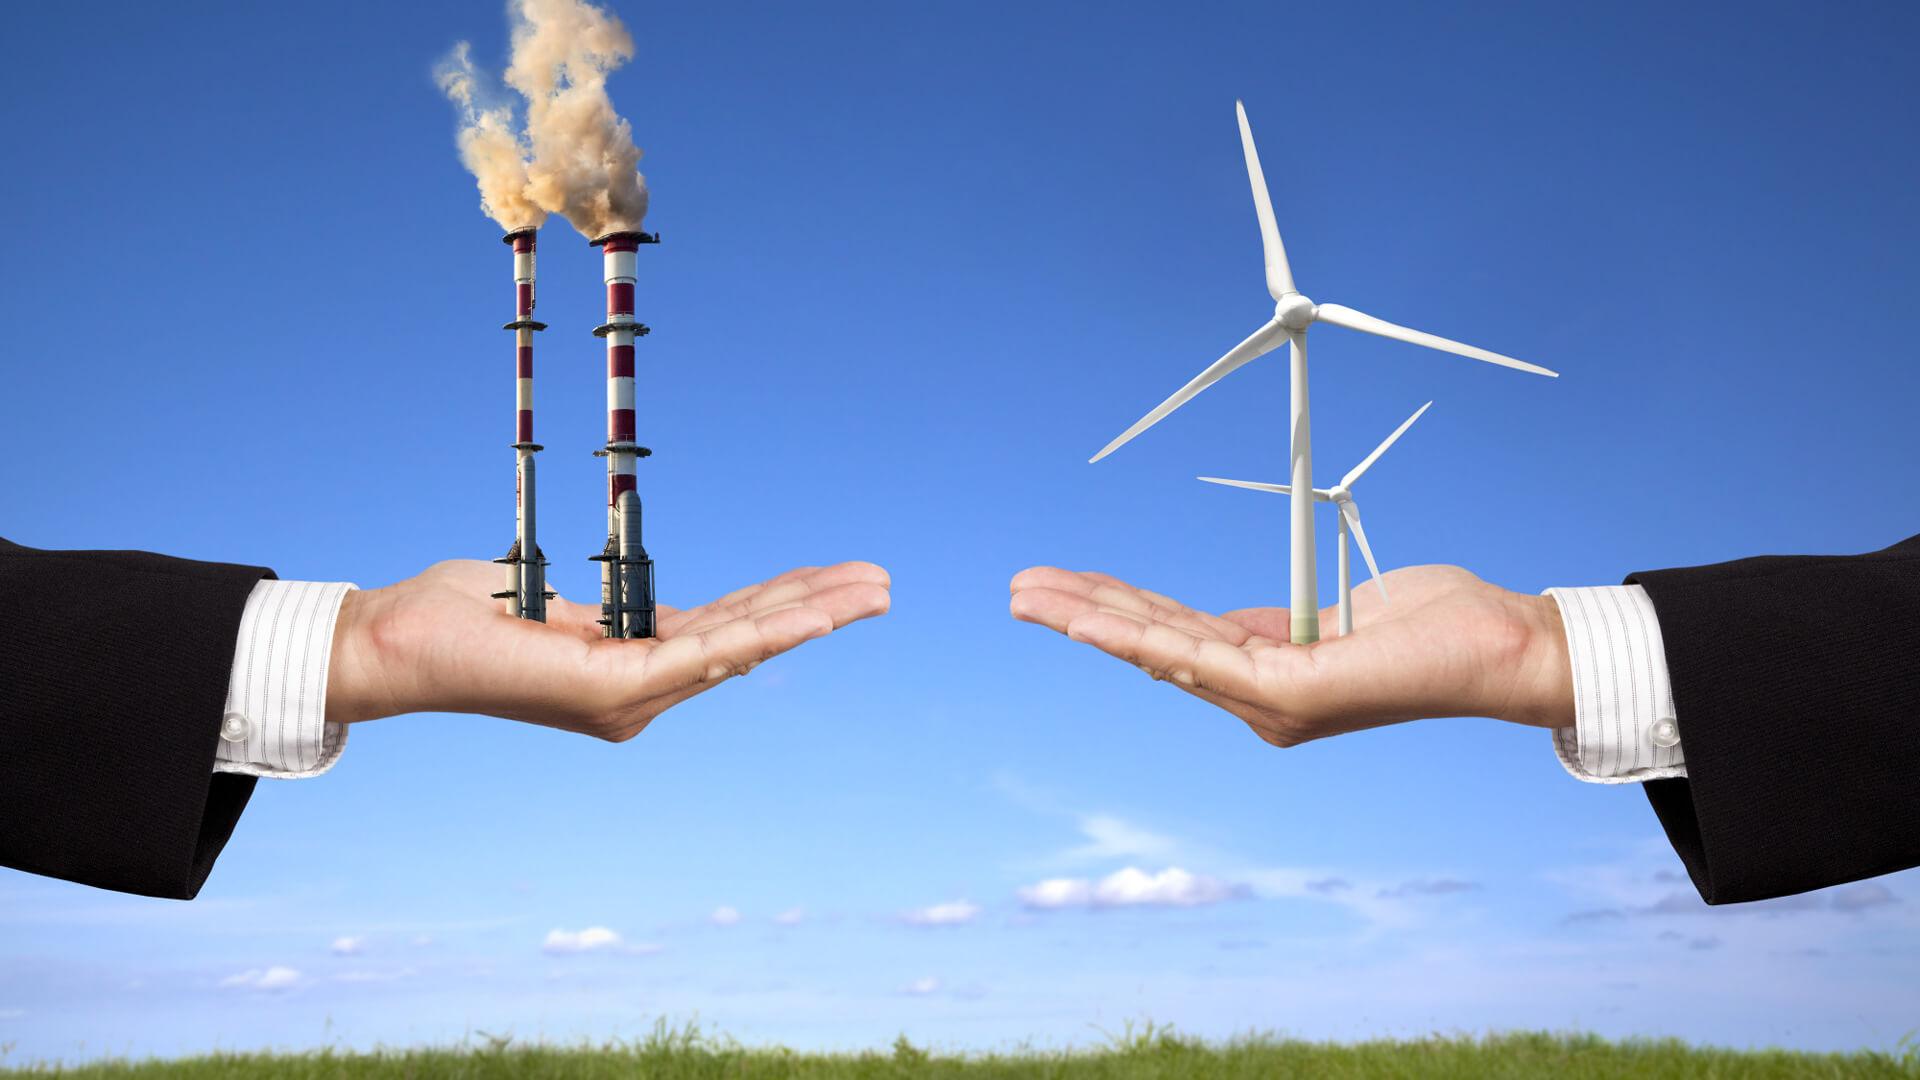 Megújuló energiaforrások Magyarországon és megújuló energiaforrások a világban.